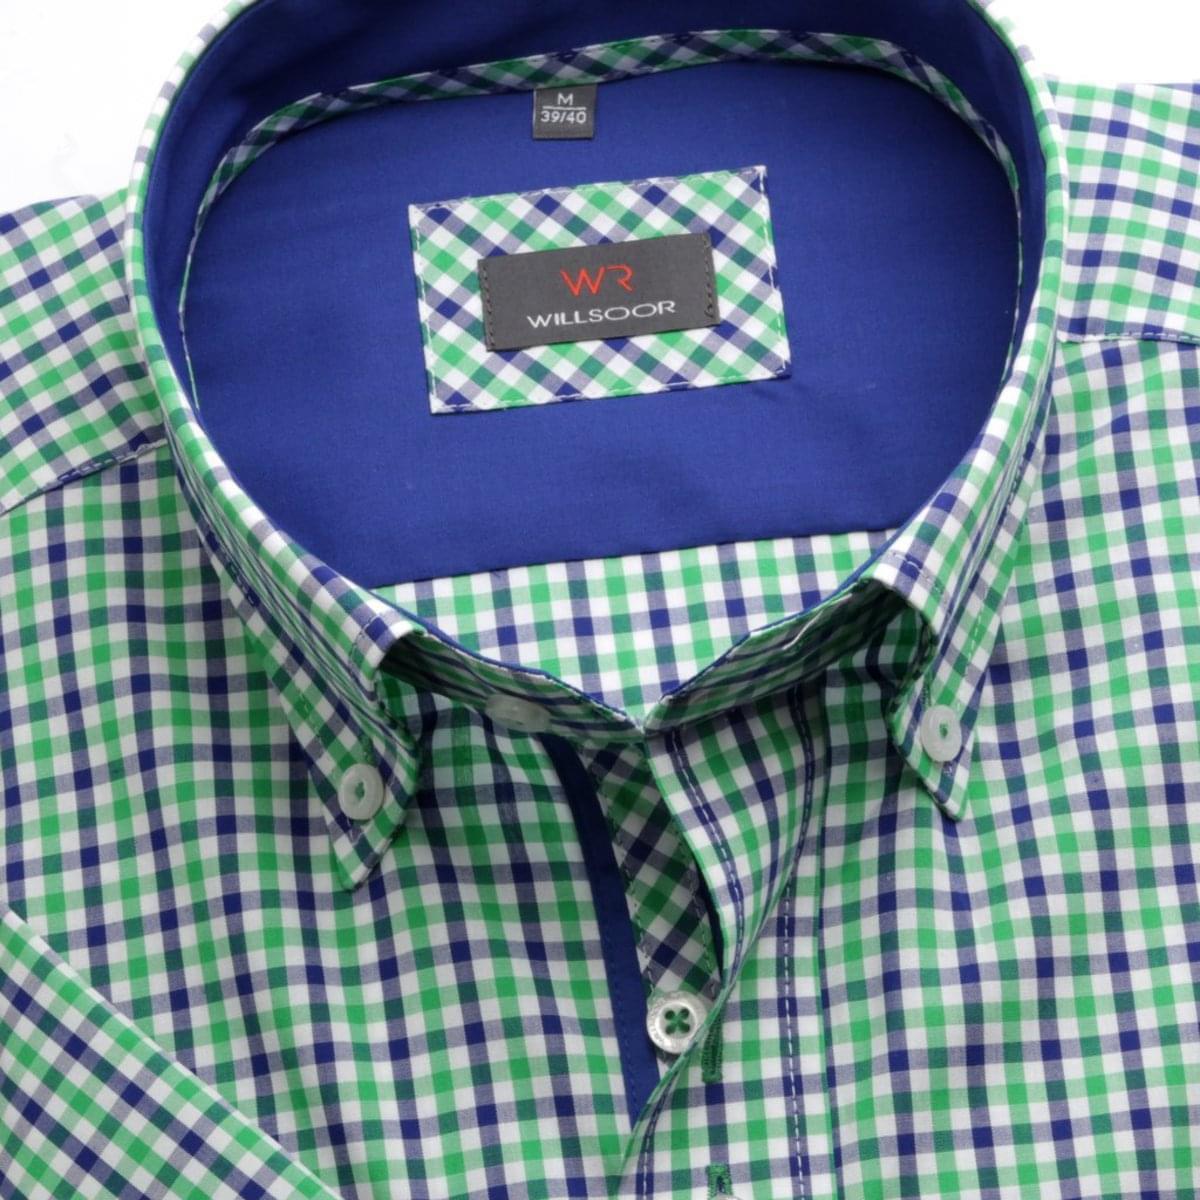 Pánska košele WR Classic s krátkym rukávom a farebnú kockou (výška 176-182) 4842 176-182 / XL (43/44)